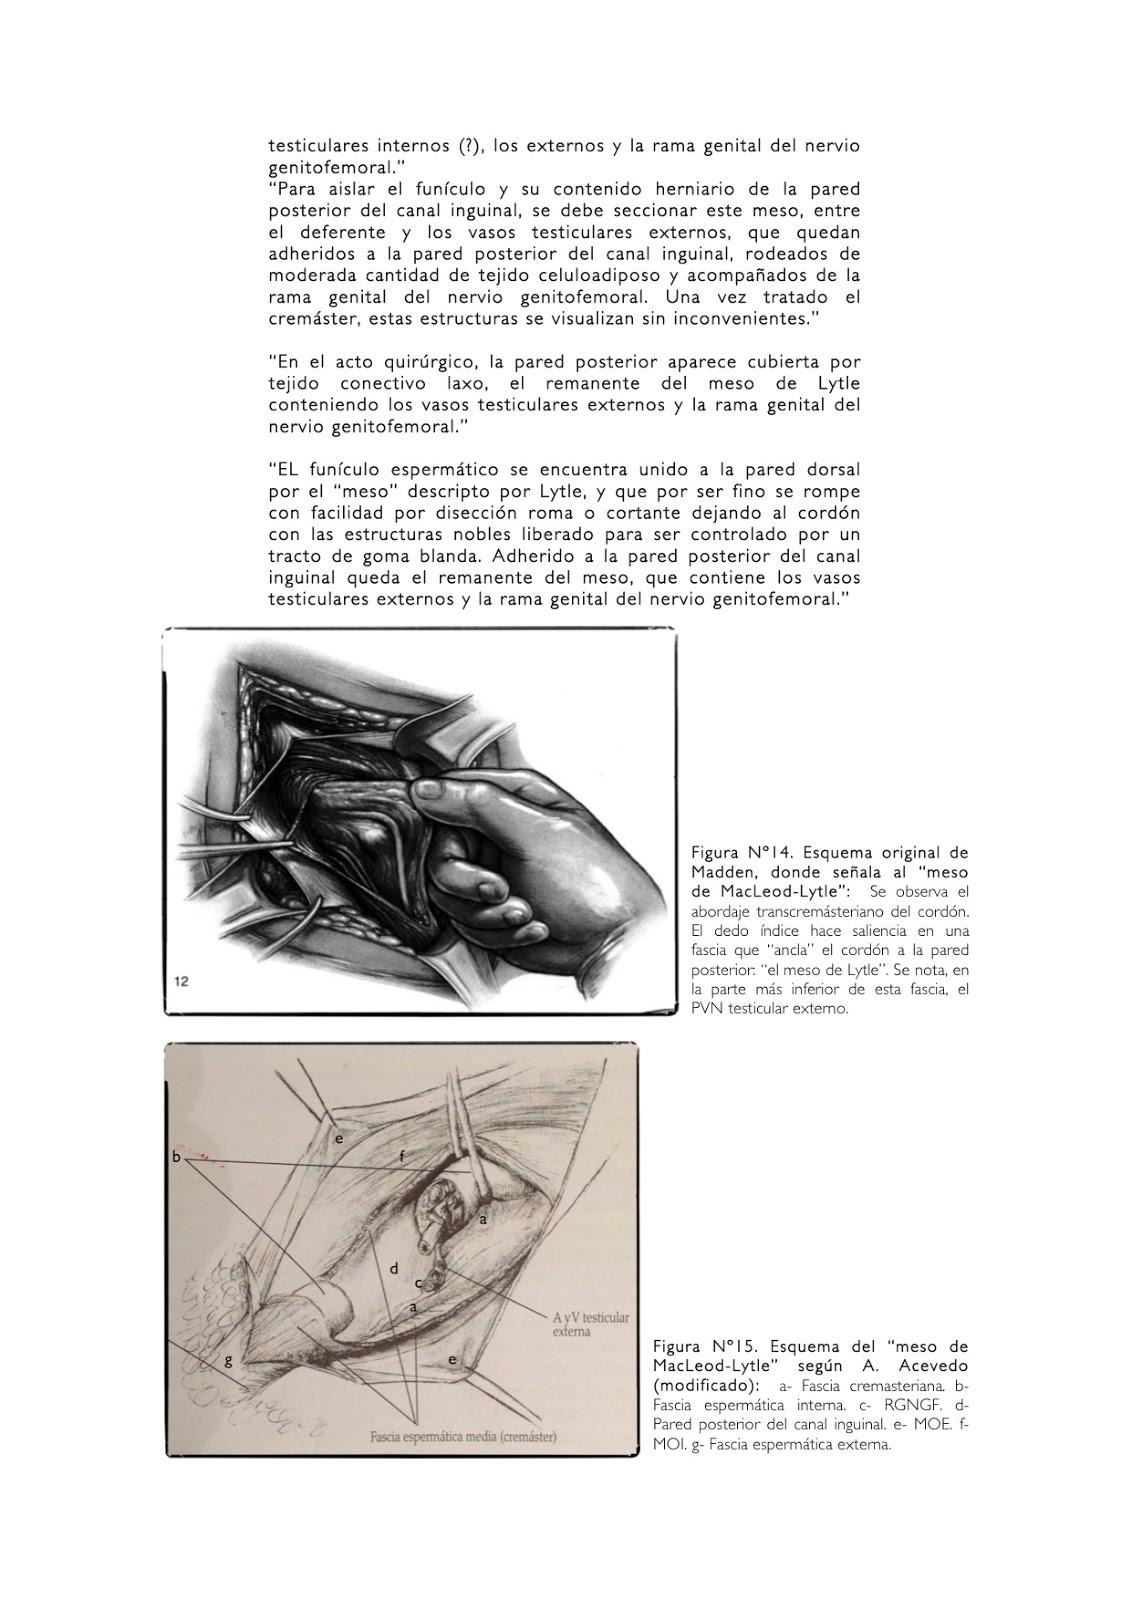 Cuadernos de Anatomía Quirúrgica: Anatomía quirúrgica del cremáster.